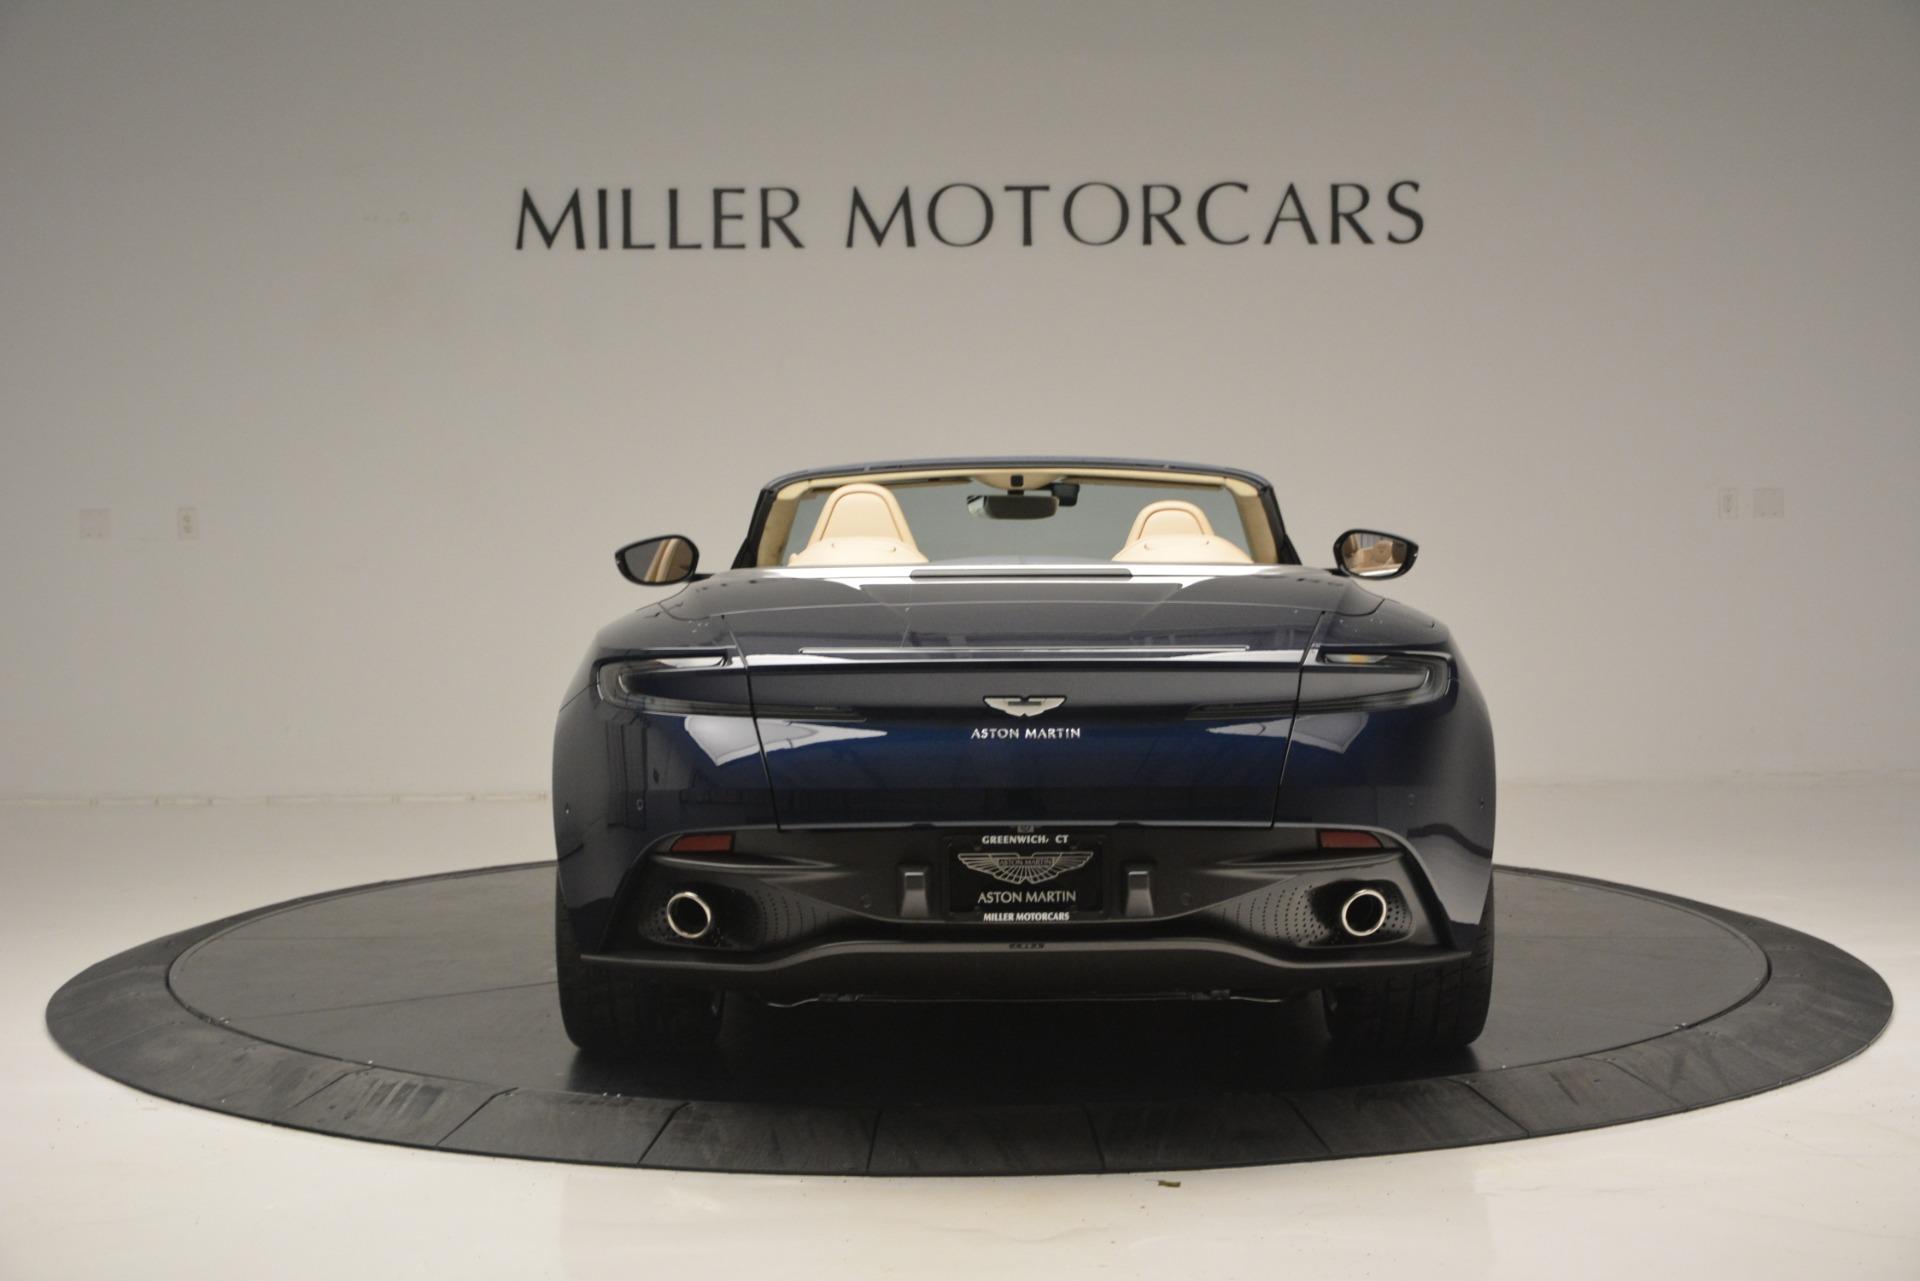 New 2019 Aston Martin DB11 Volante Volante For Sale In Greenwich, CT. Alfa Romeo of Greenwich, A1326 2594_p6